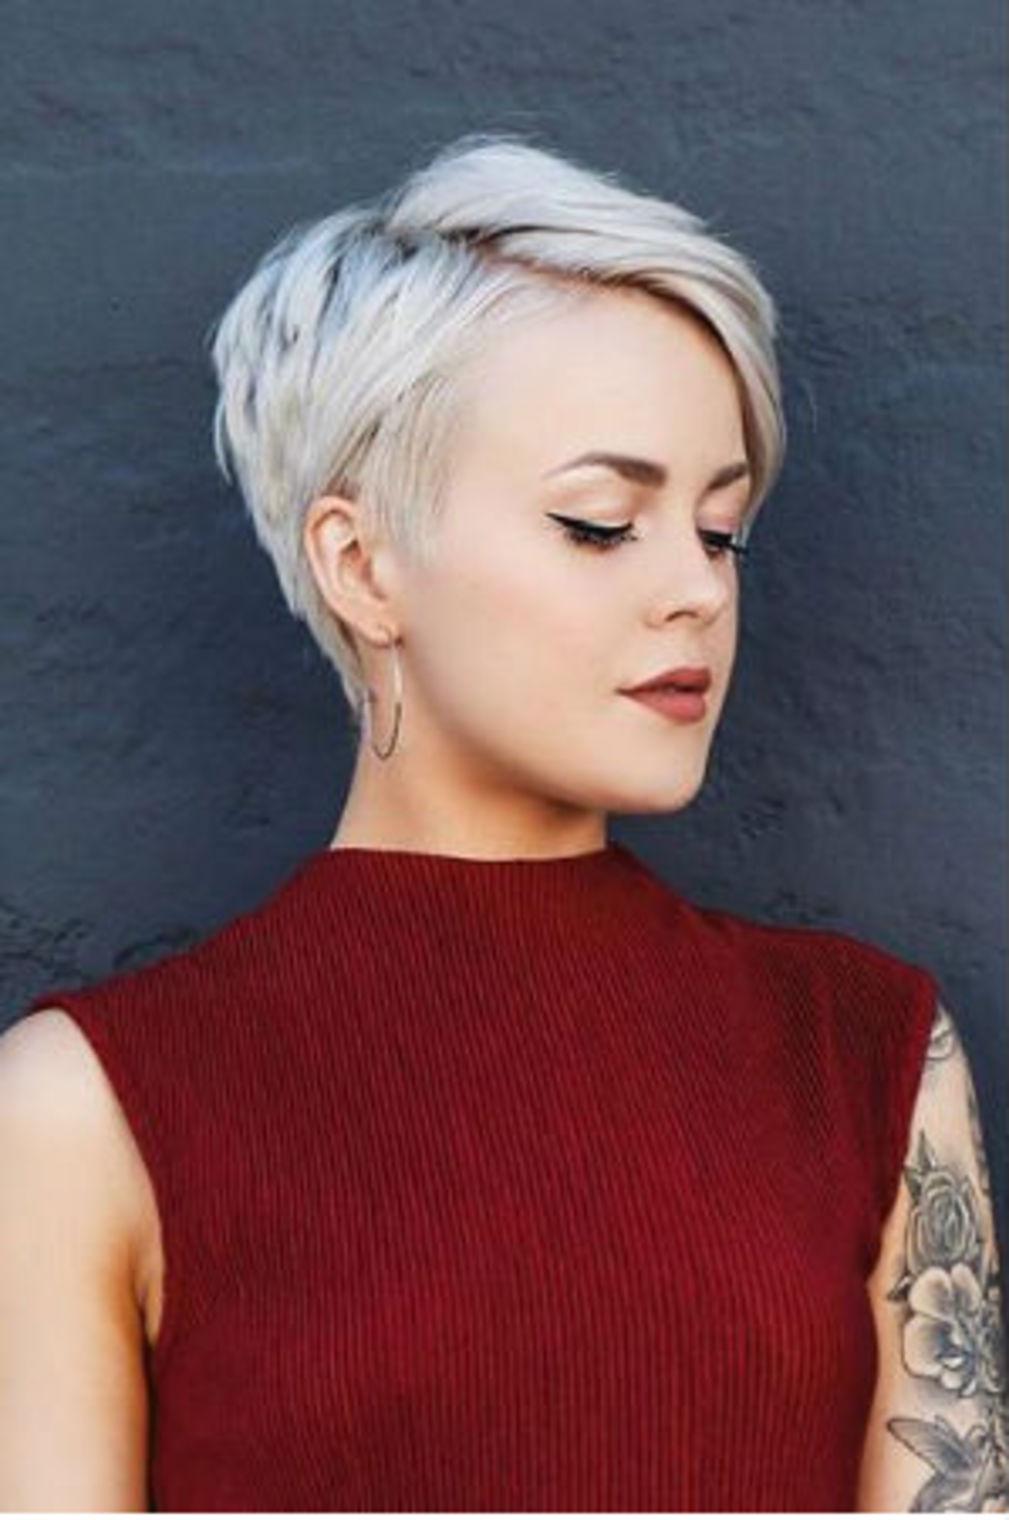 Coupe courte 2018 : les plus belles coiffures courtes de la rentrée - FEMME ET TENDANCE